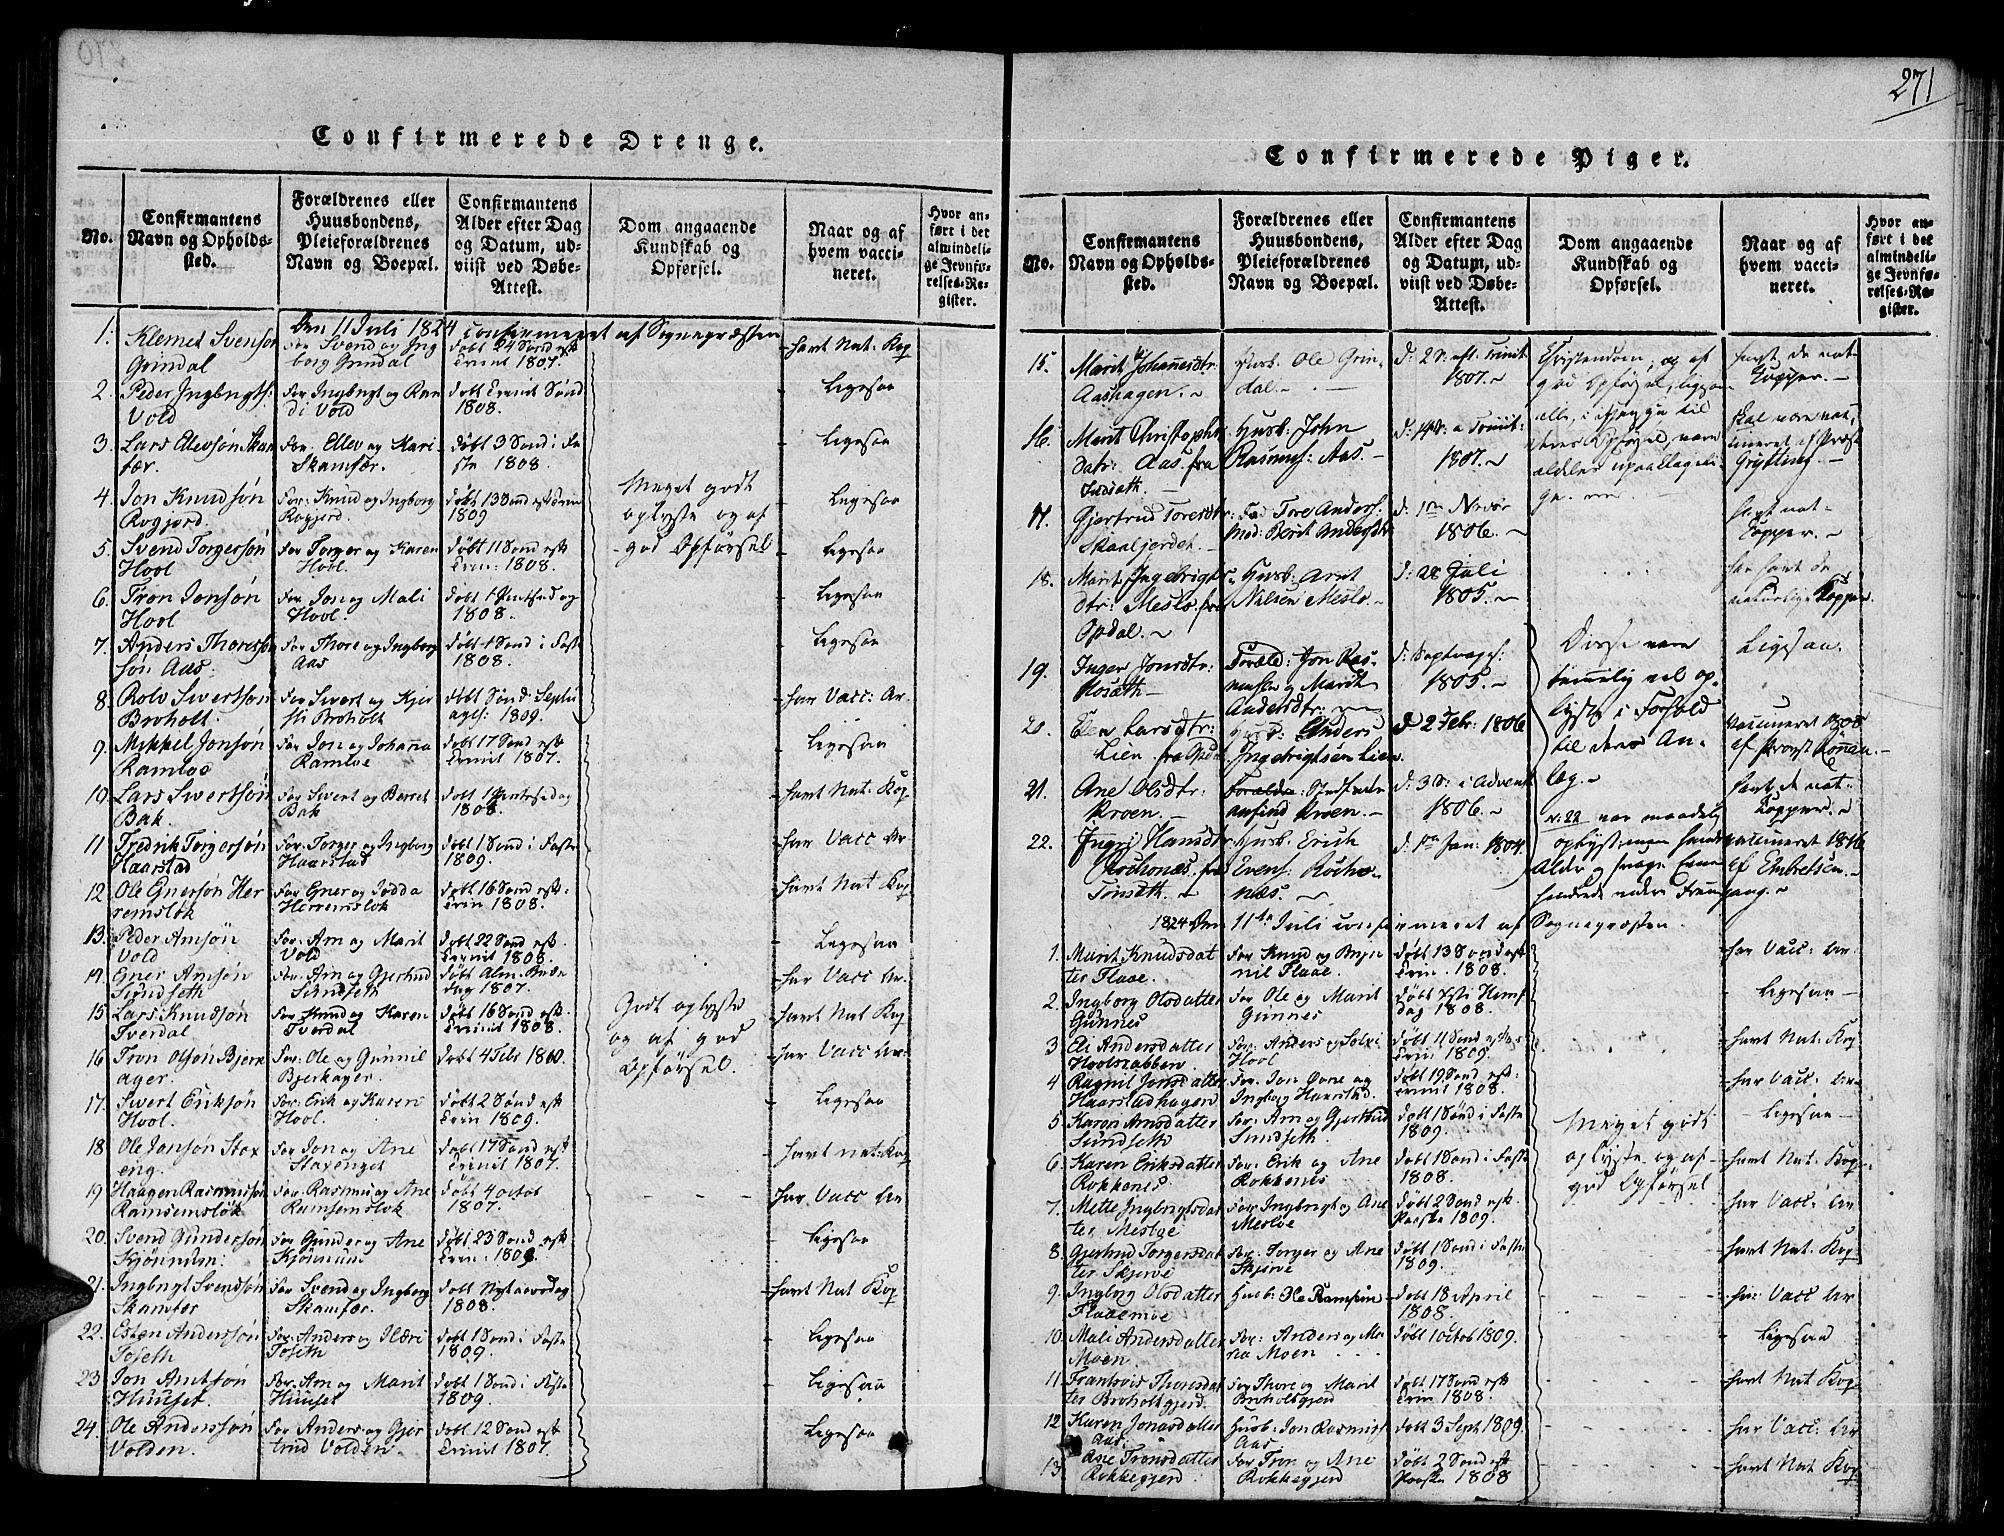 SAT, Ministerialprotokoller, klokkerbøker og fødselsregistre - Sør-Trøndelag, 672/L0854: Ministerialbok nr. 672A06 /2, 1816-1829, s. 271